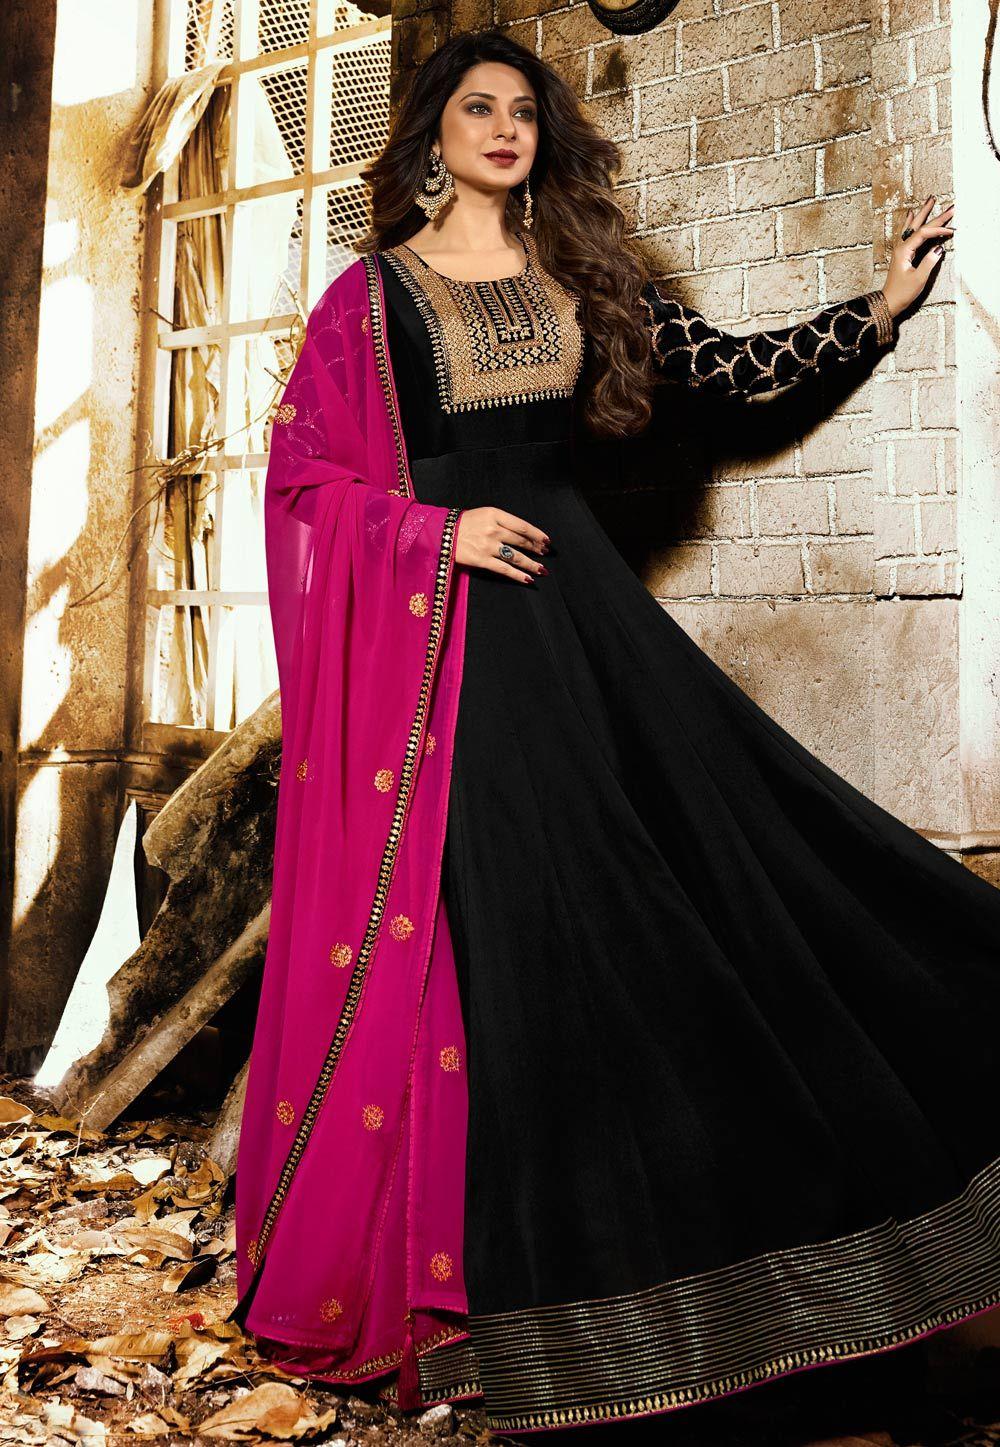 3f488c24255576 Buy Jennifer Winget Black Long Anarkali Suit 161682 online at lowest price  from huge collection of salwar kameez at Indianclothstore.com.